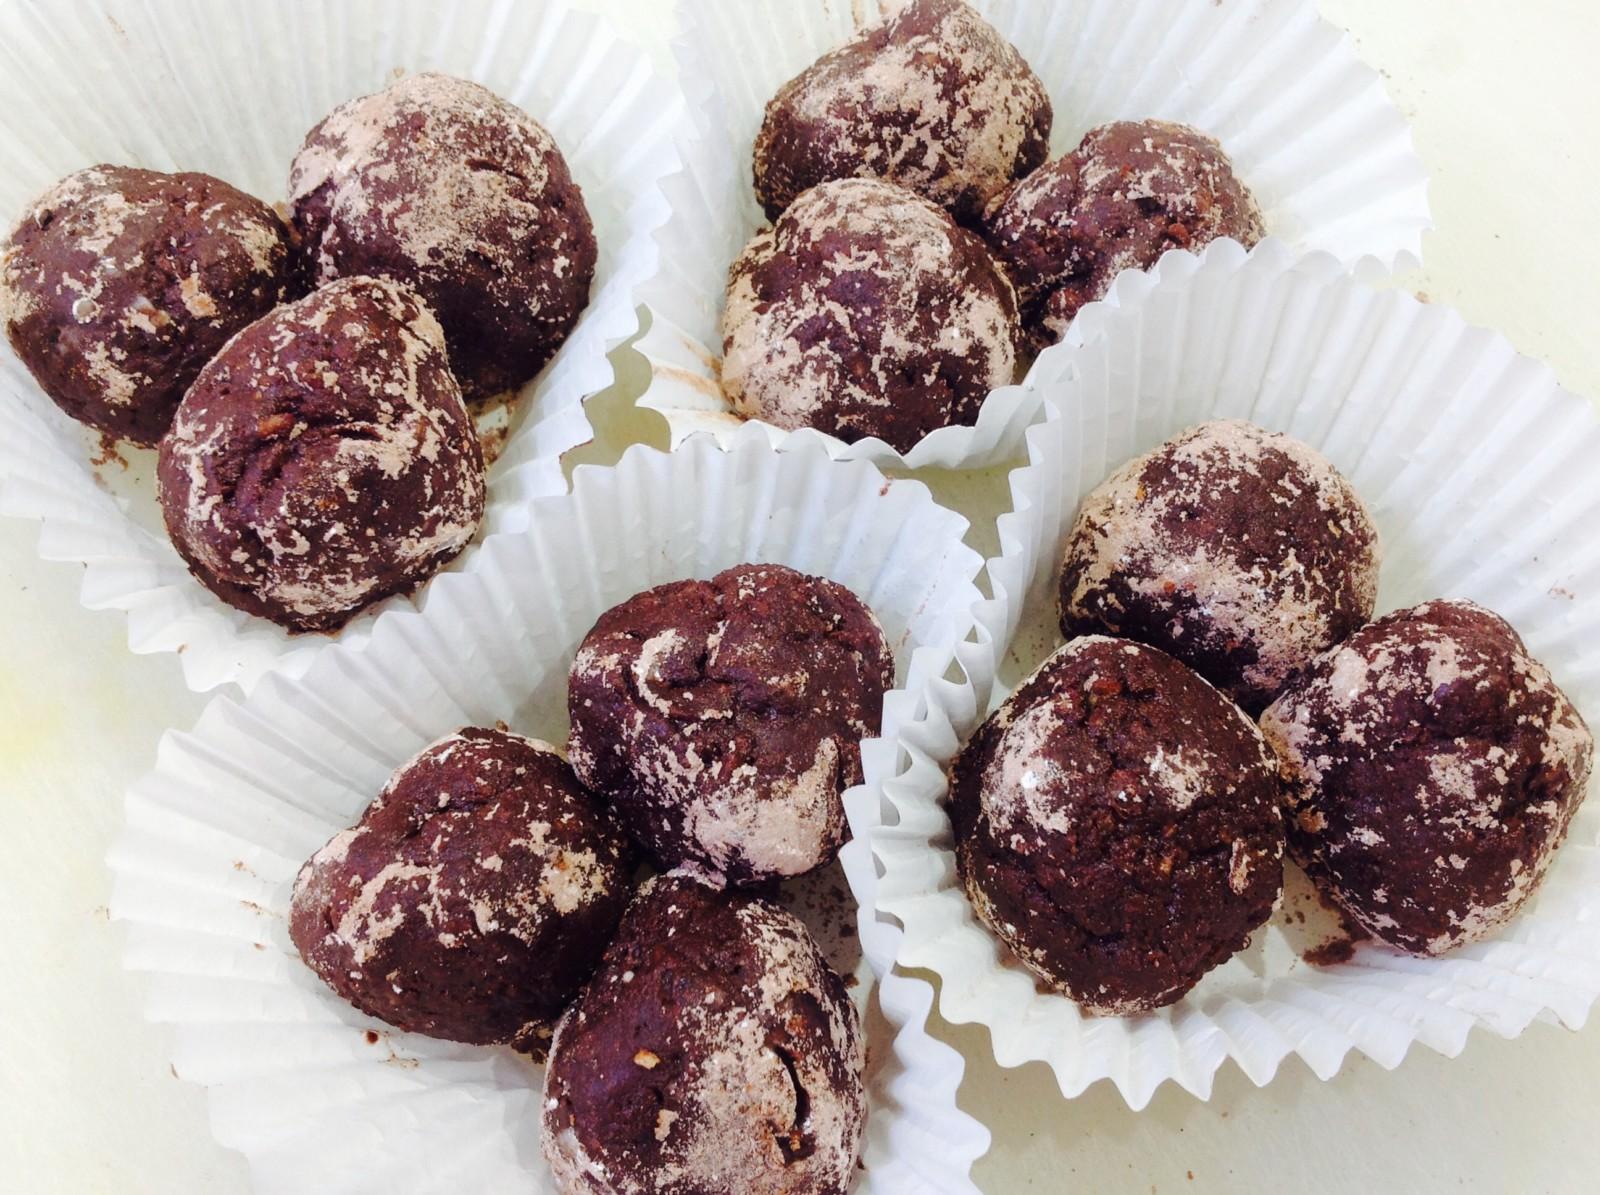 Walnut Nutella wheat bisks bites